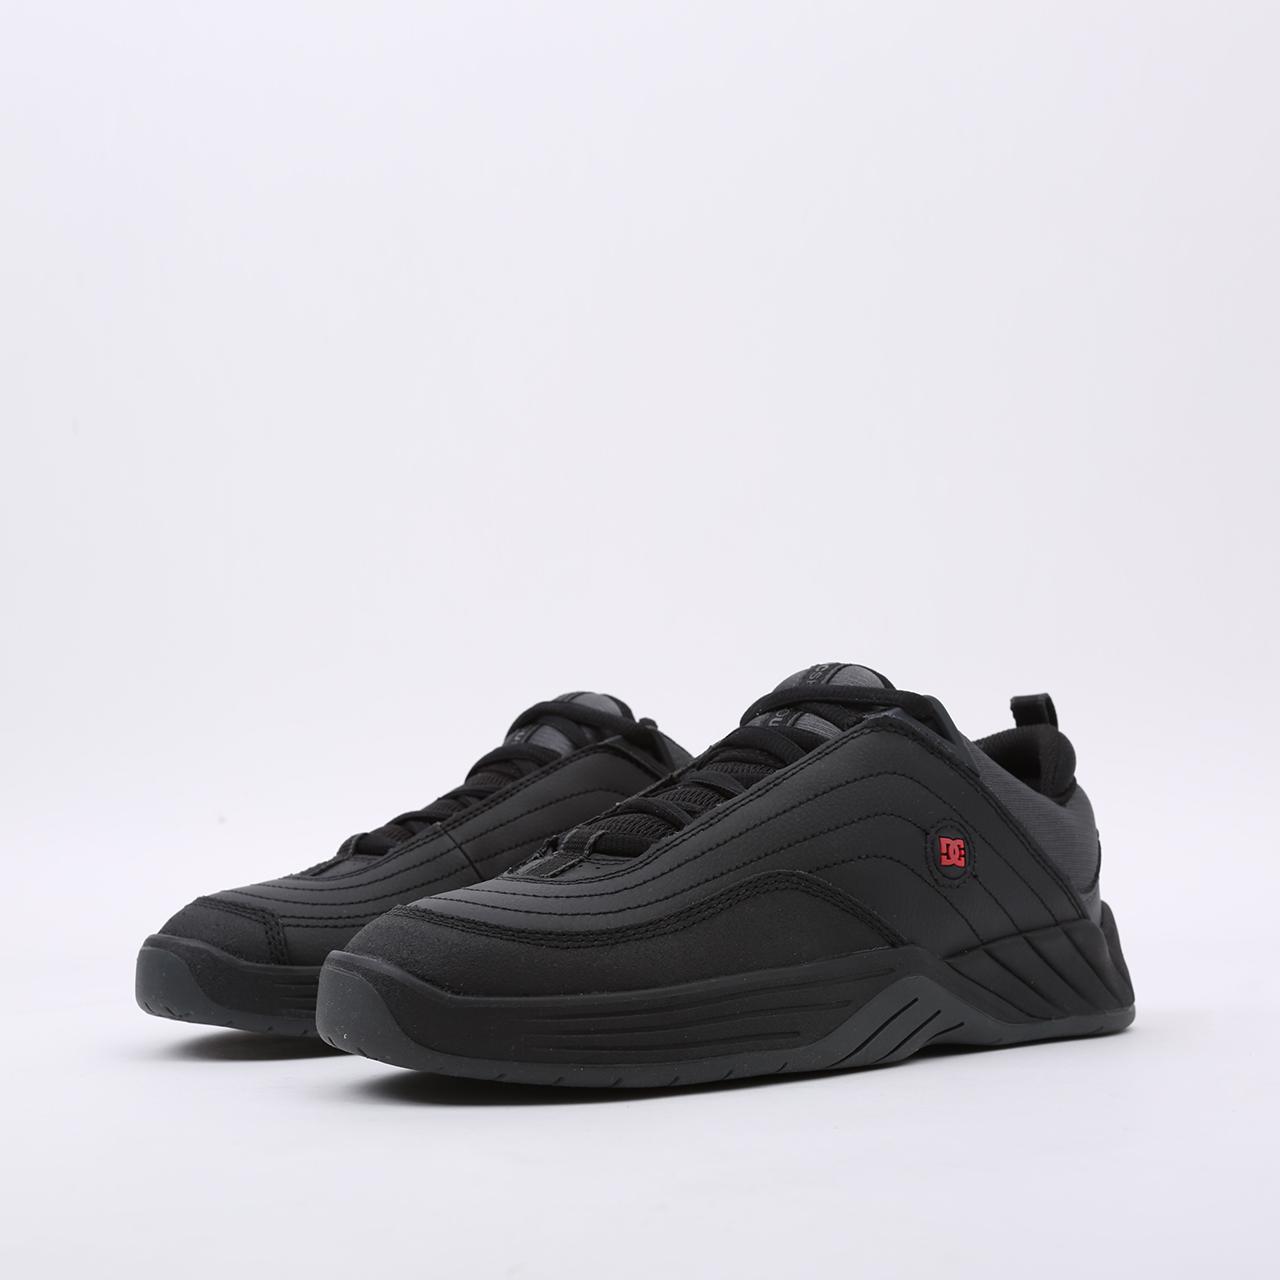 мужские чёрные  кроссовки dc shoes williams slim ADYS100539-bda-bda - цена, описание, фото 6